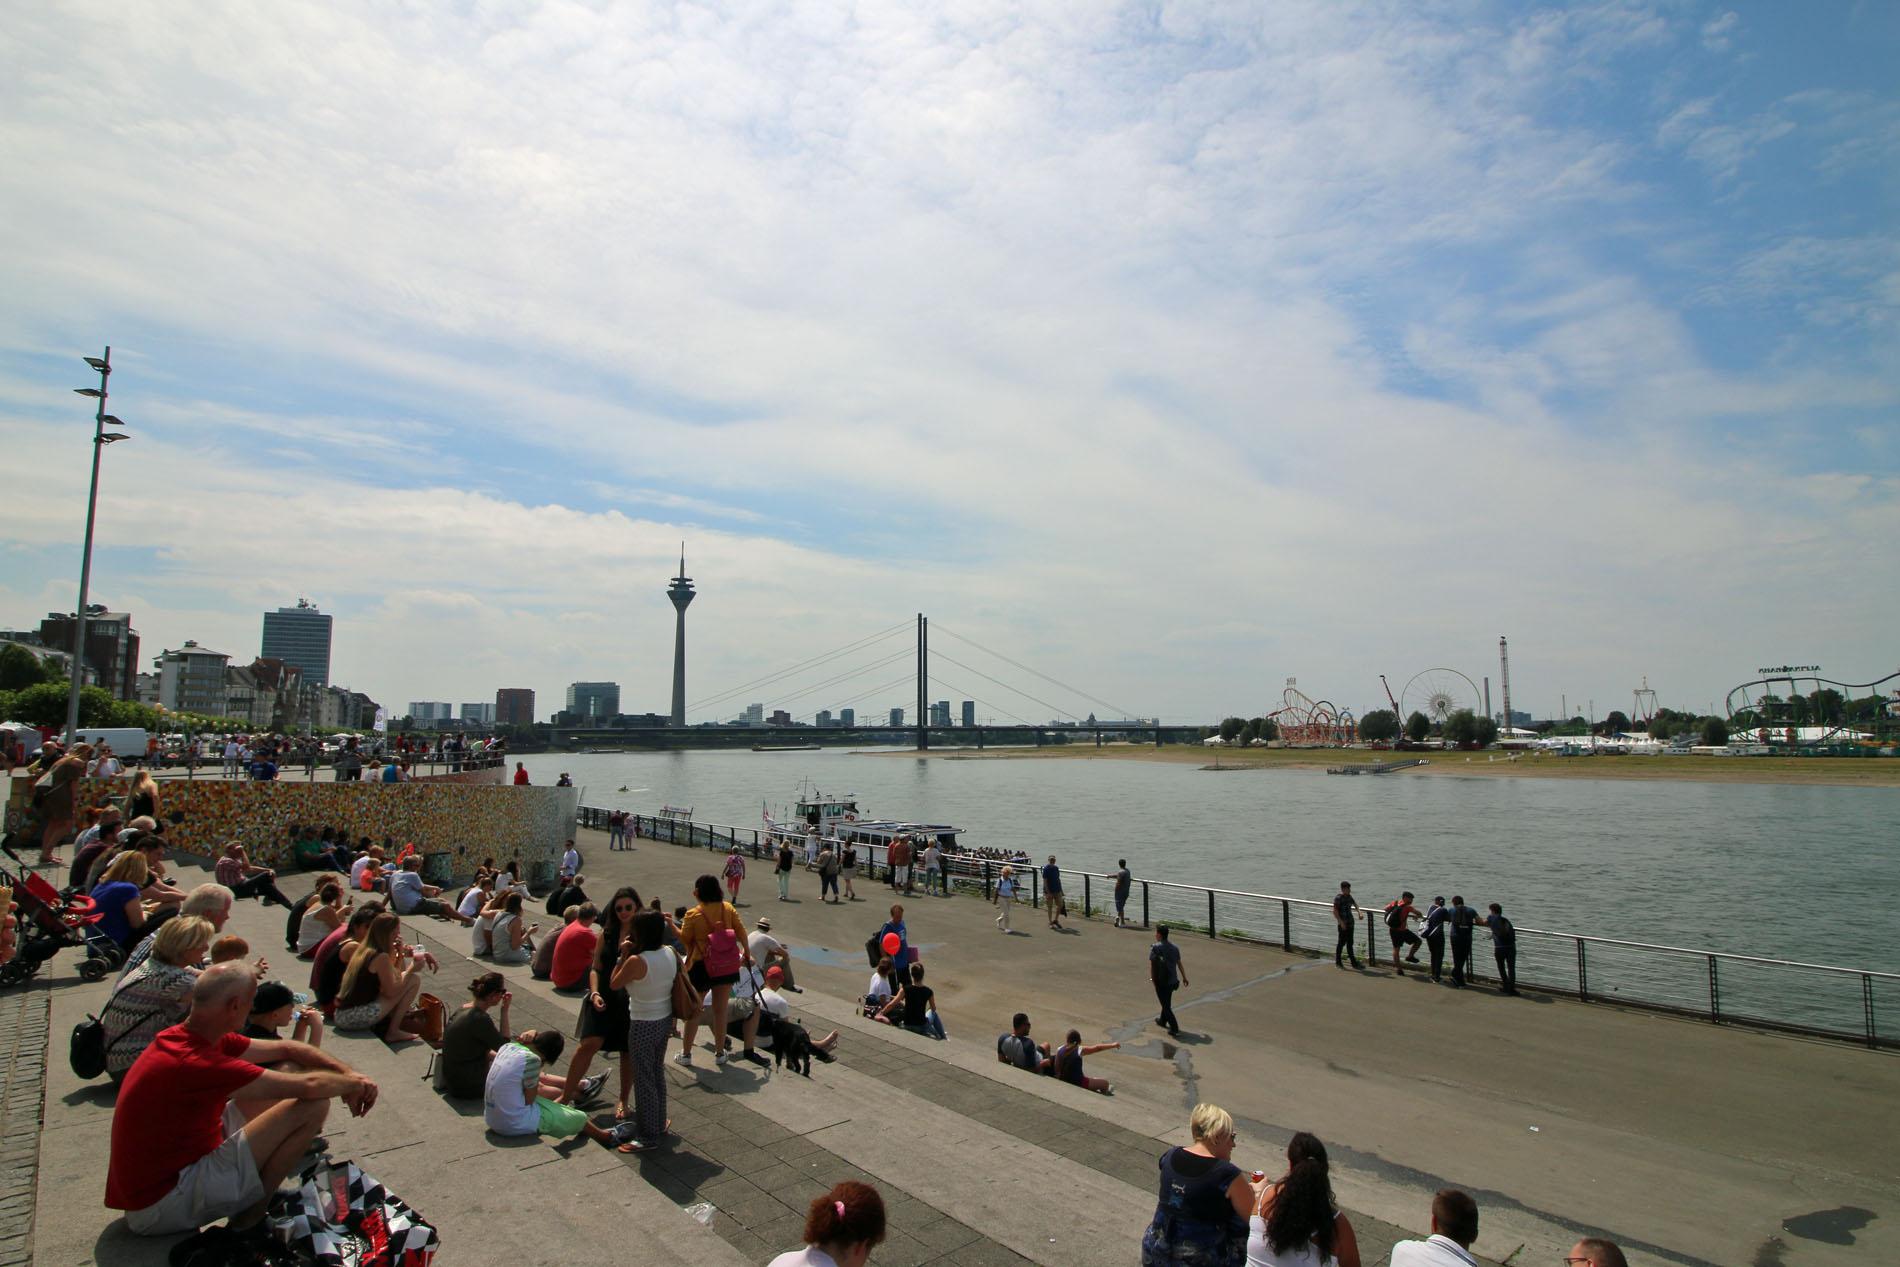 Die Skyline von Düsseldorf sowie der Rheinboulevard begrüßte die Königshovener Reisegruppe mit Sonnenschein. (Fotos: Bastian Schlößer)